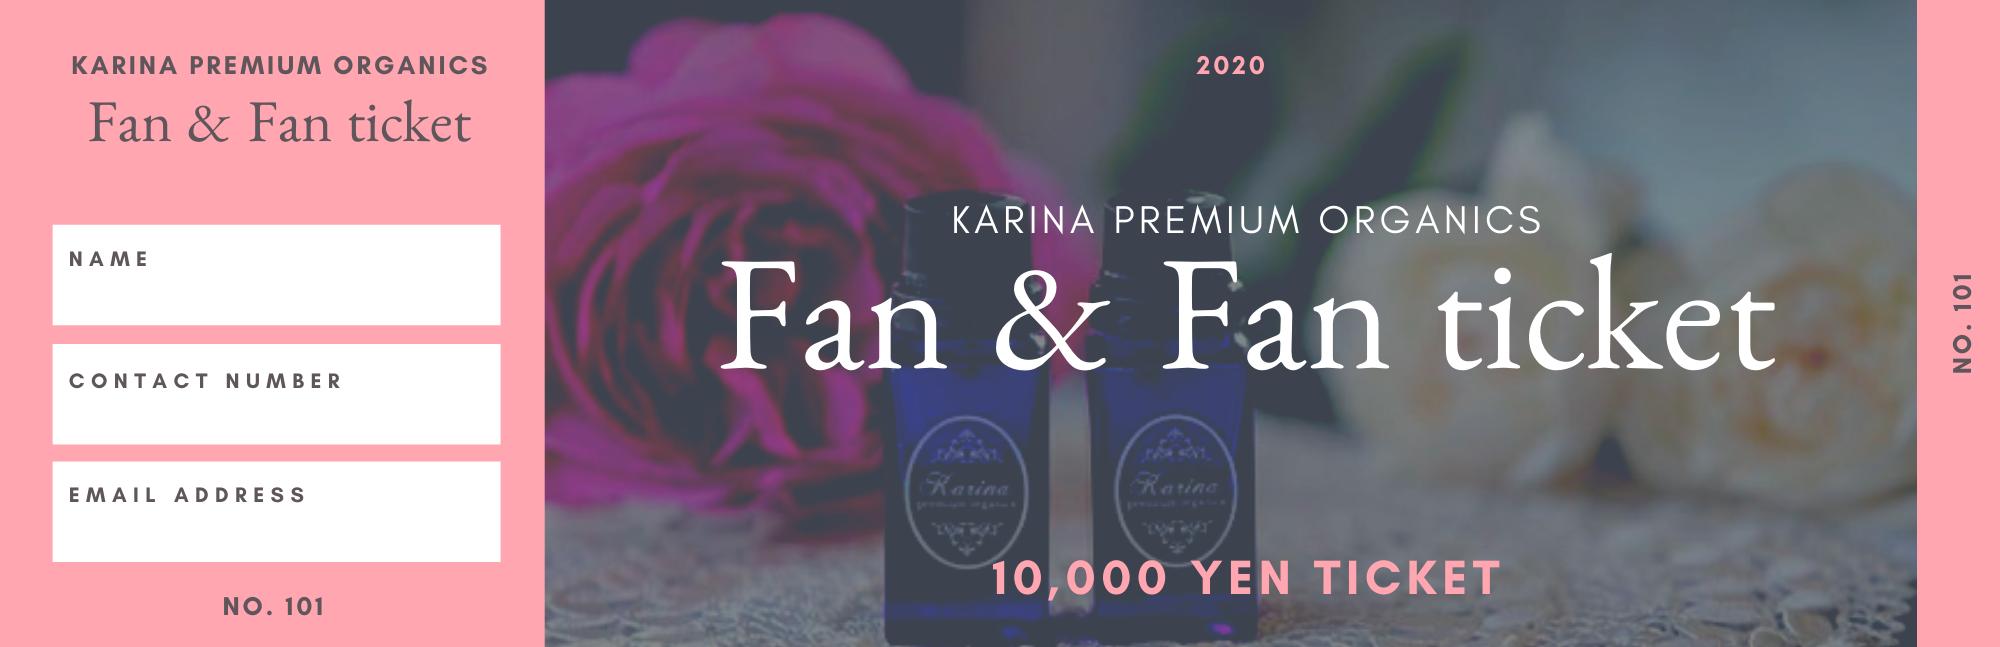 karina_event202004_10000